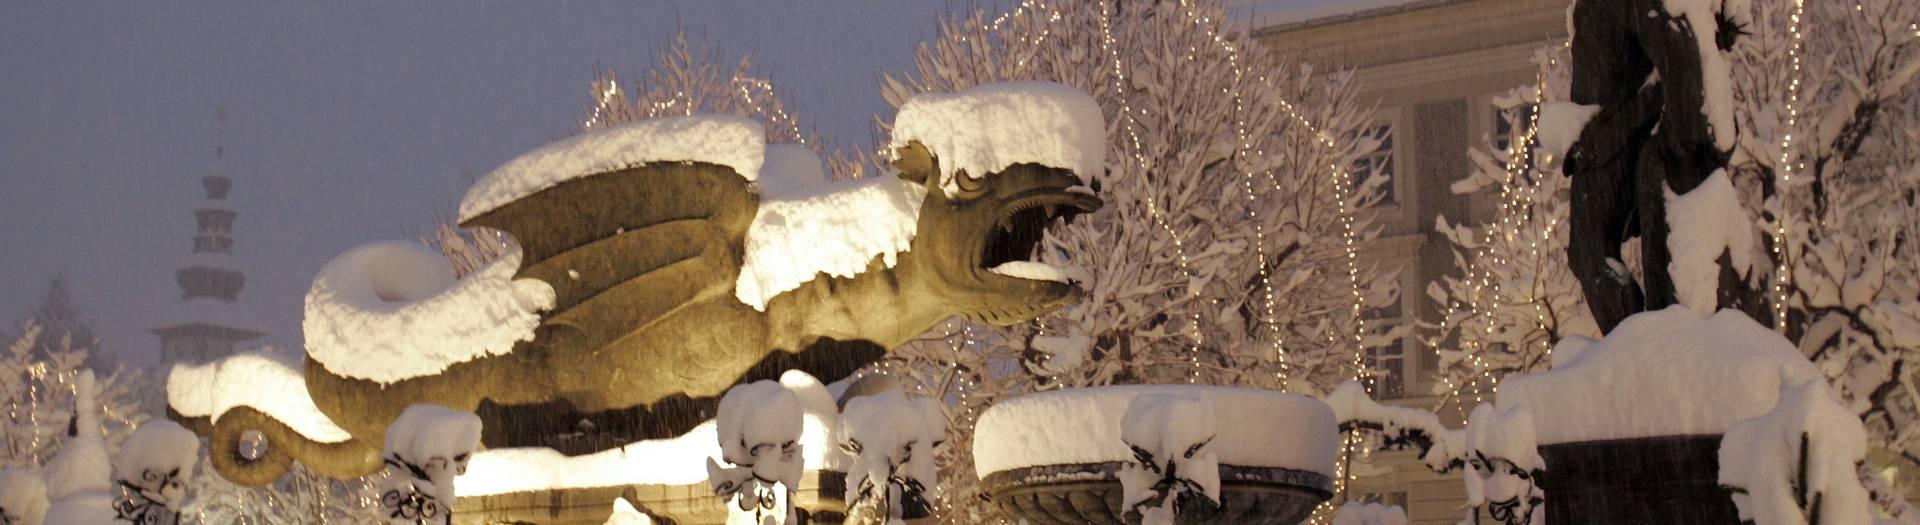 Klagenfurt am Wörthersee mit Lindwurm im Schnee